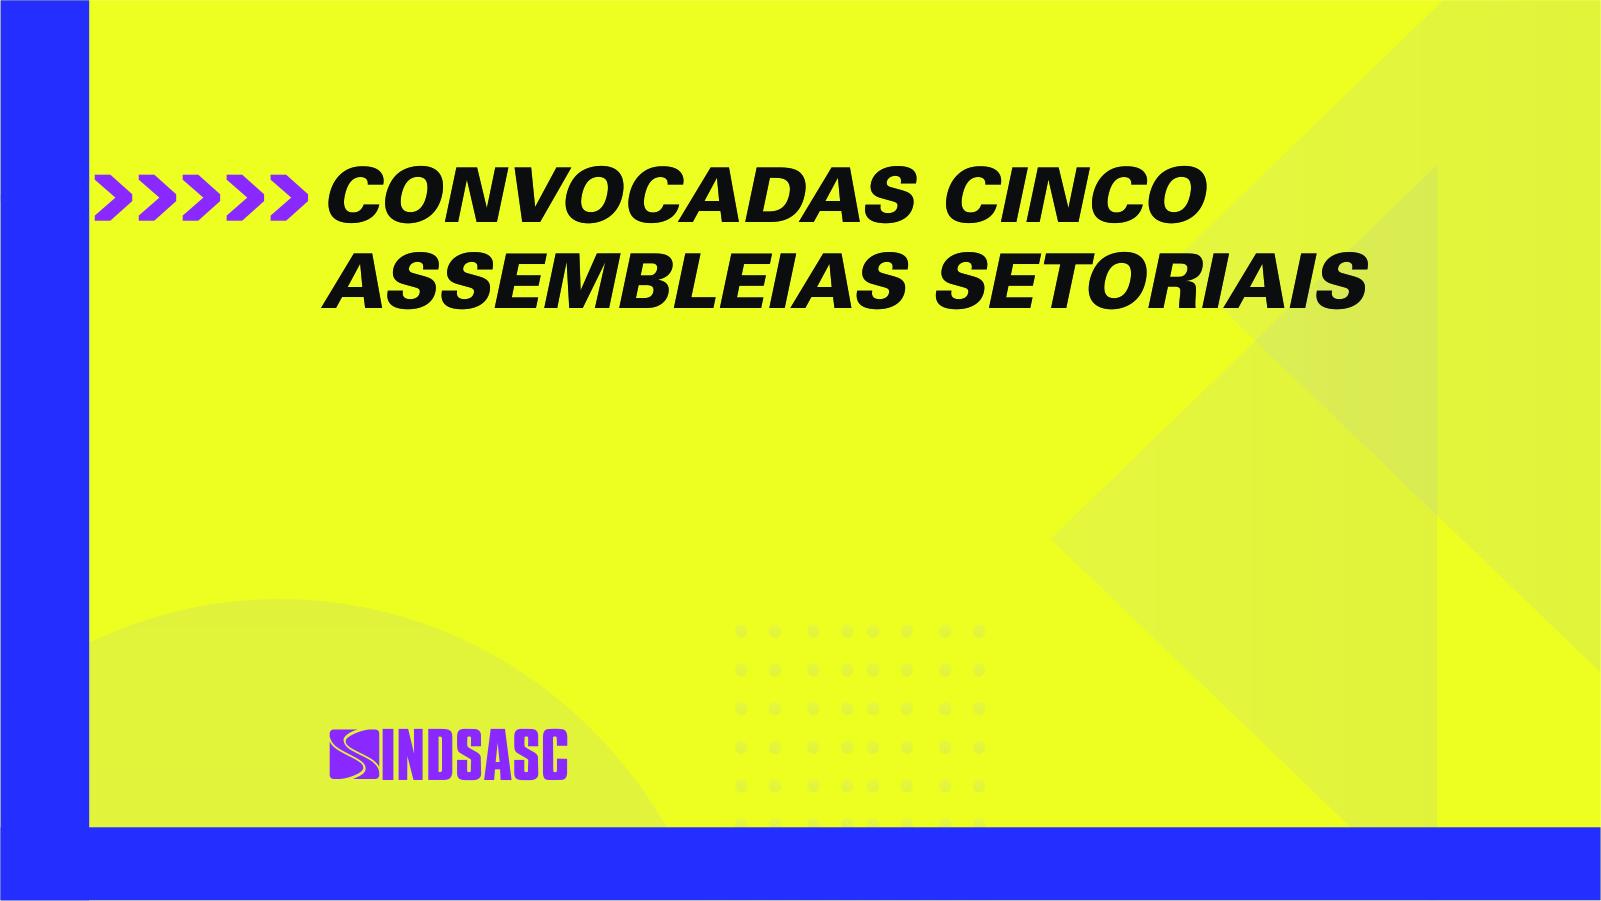 CONVOCADAS CINCO ASSEMBLEIAS SETORIAIS